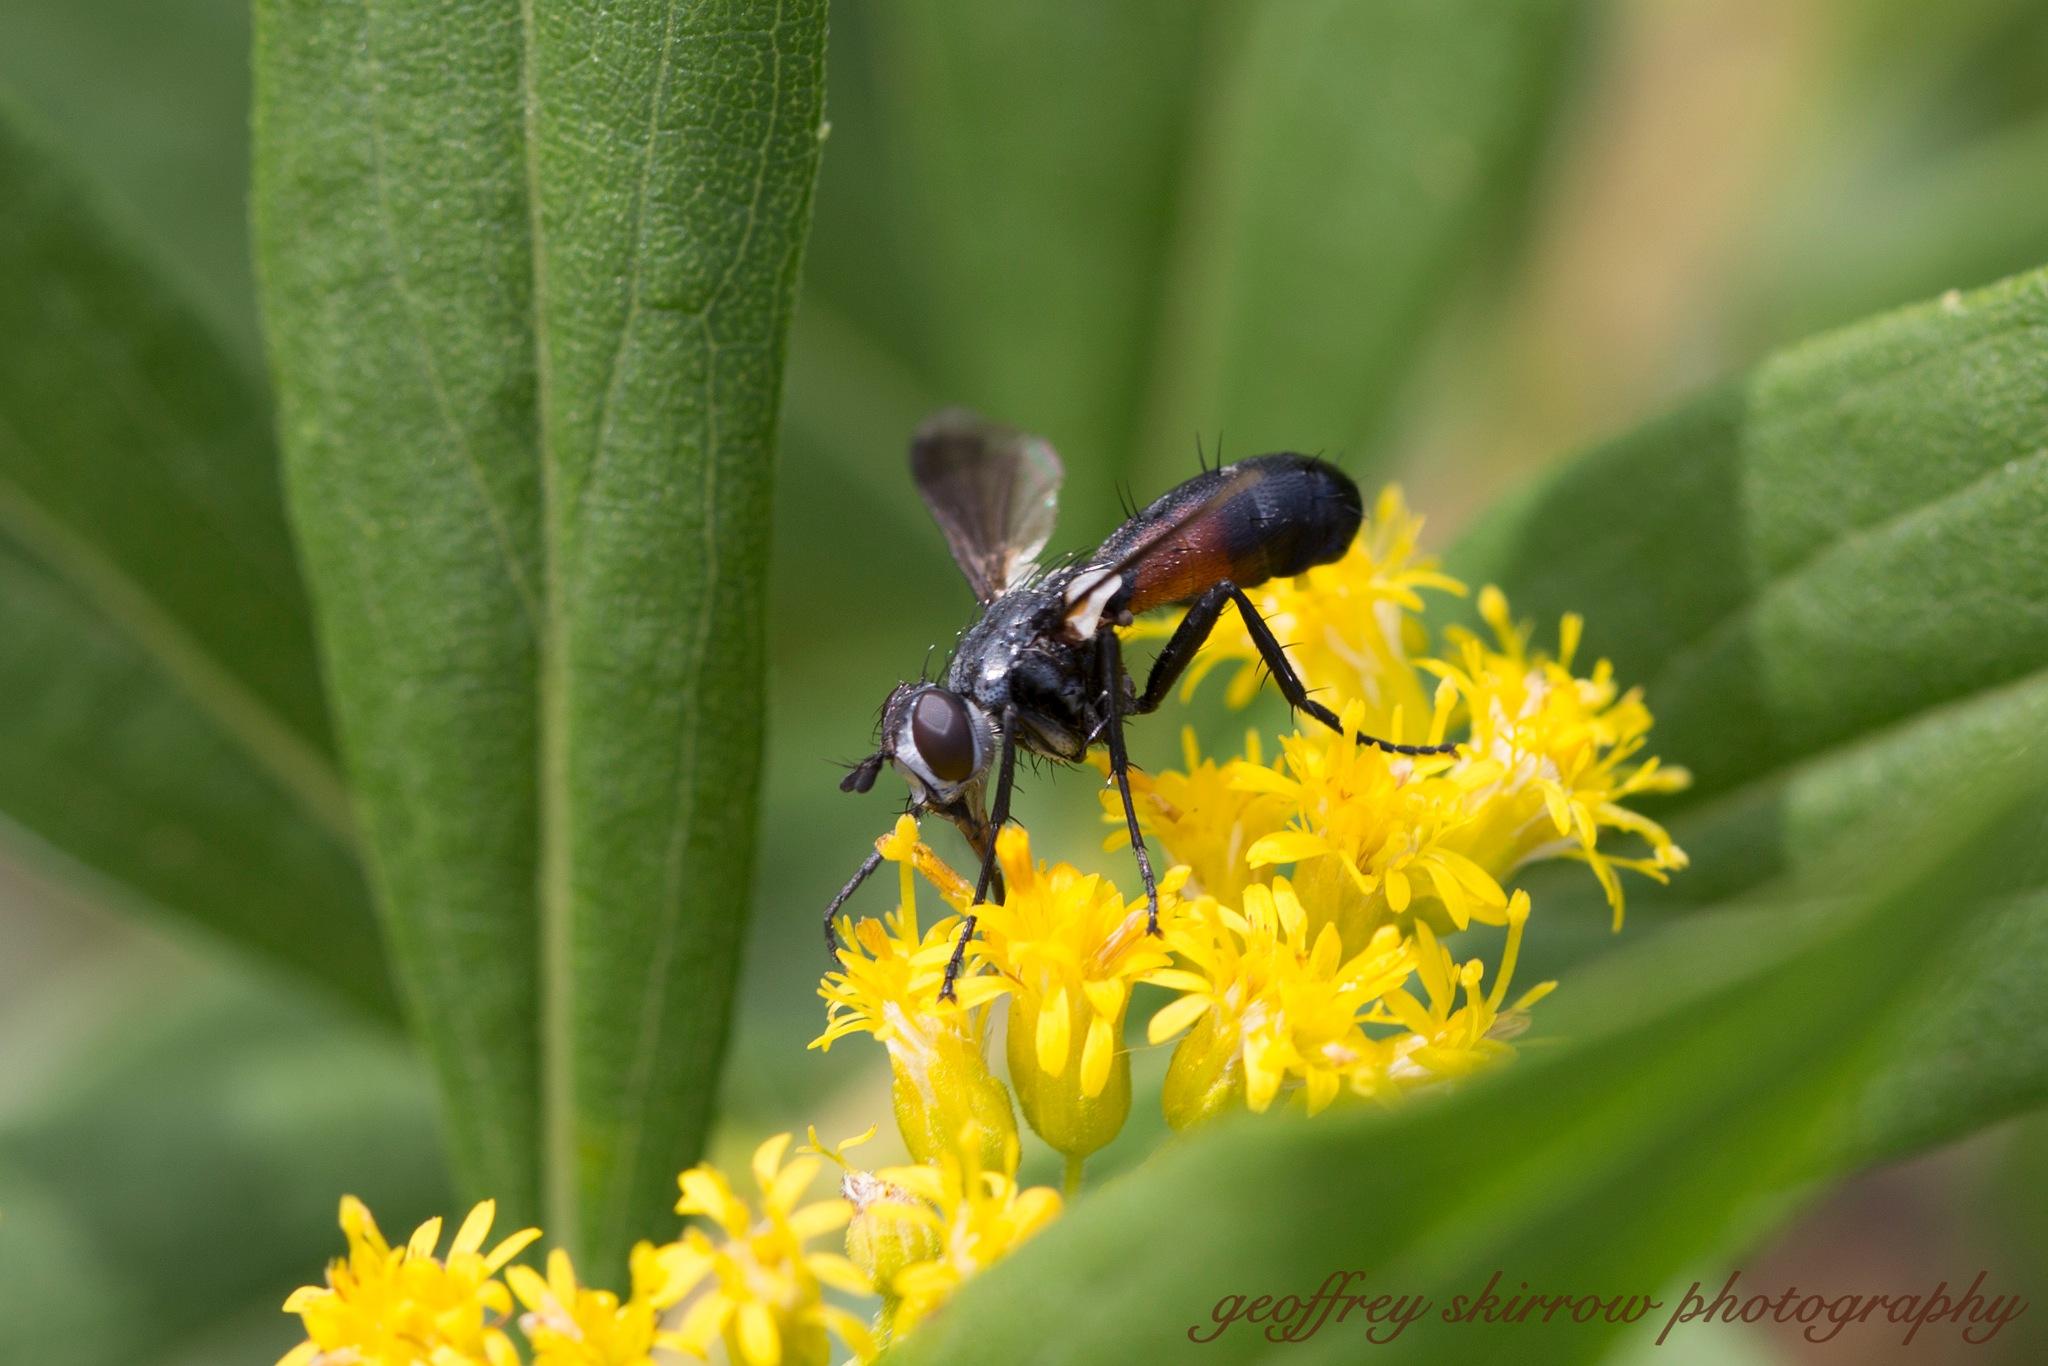 Fly on a yellow flower by geoffreyskirrow